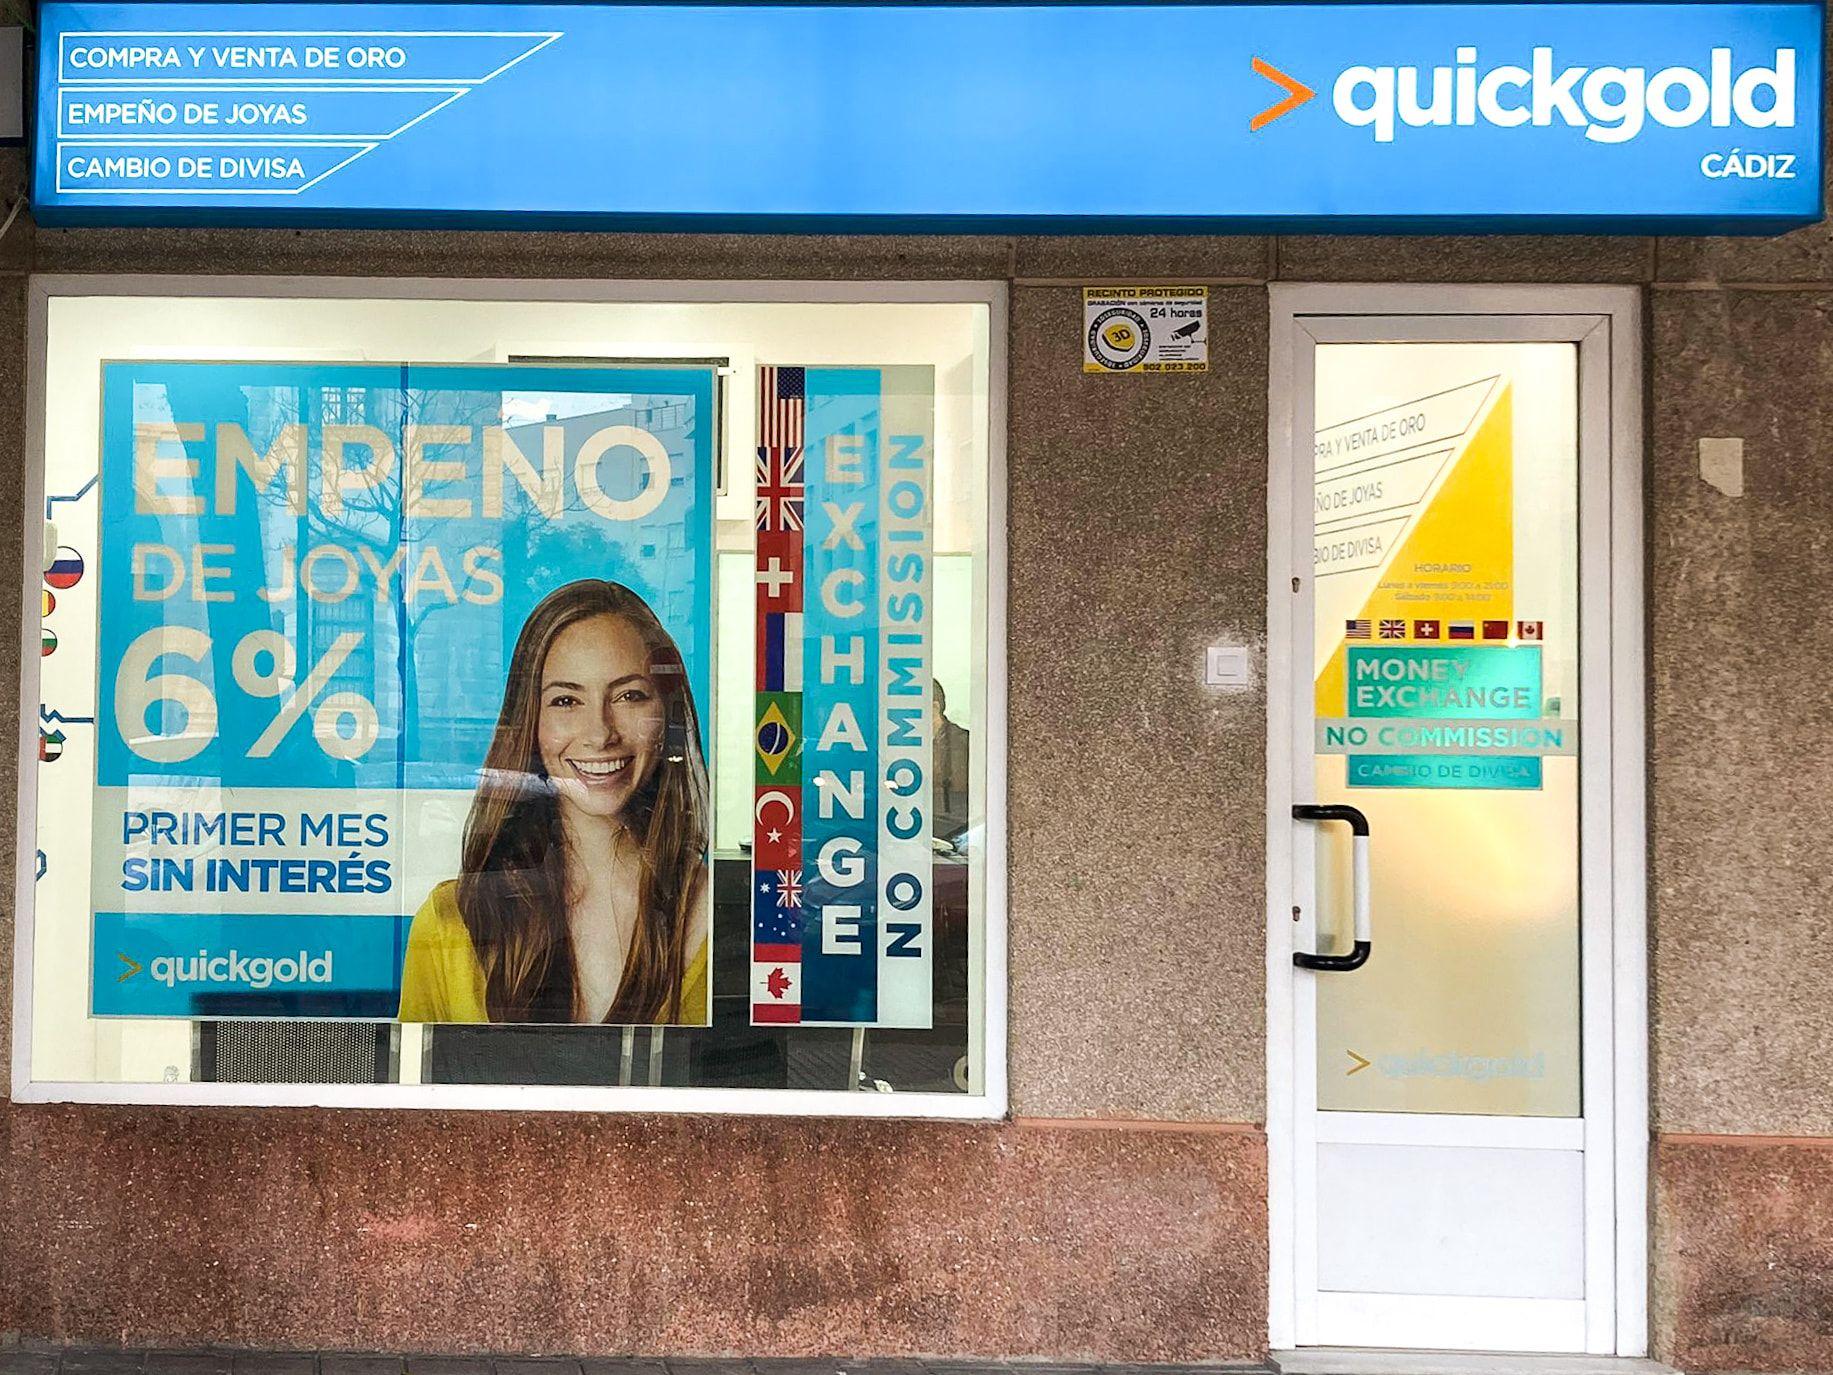 Exterior Tienda Quickgold Cádiz